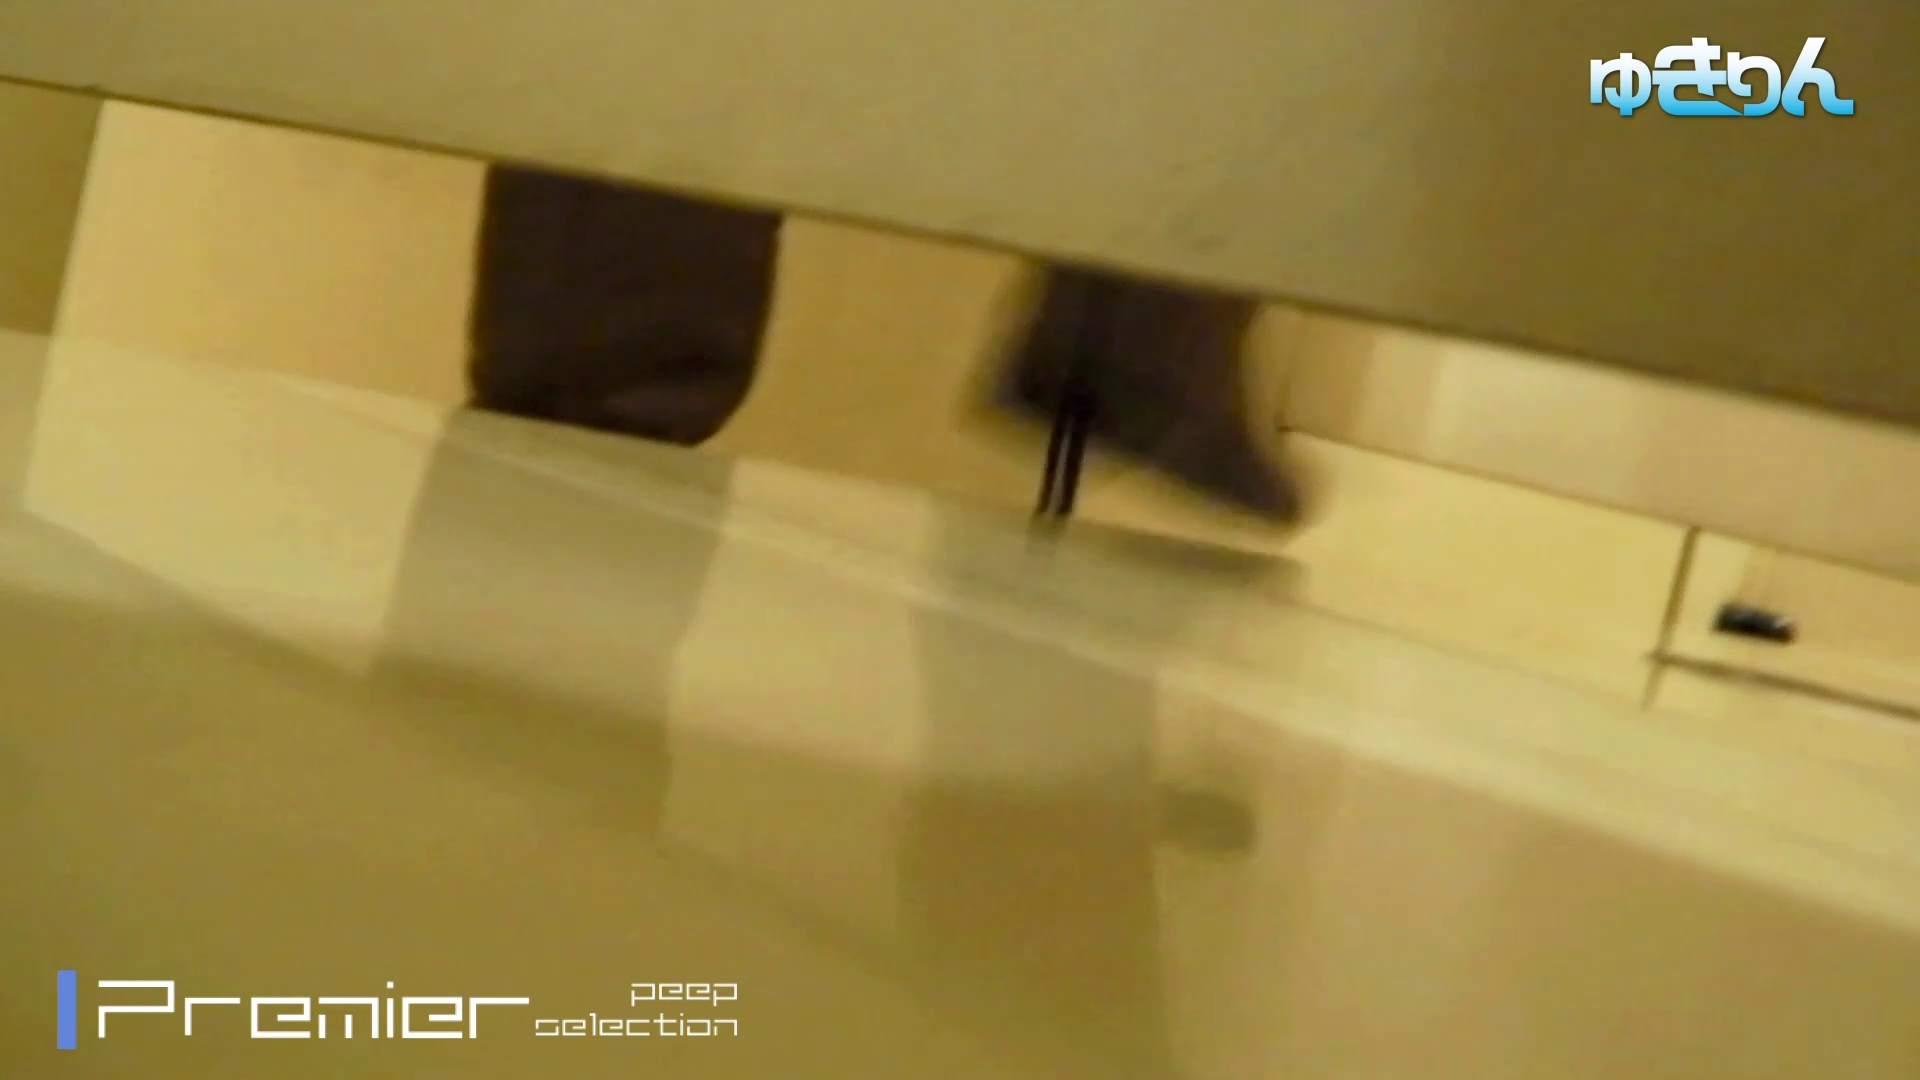 新世界の射窓 No100 祝 記念版!異次元な明るさと技術 無料動画 美肌  72PIX 30